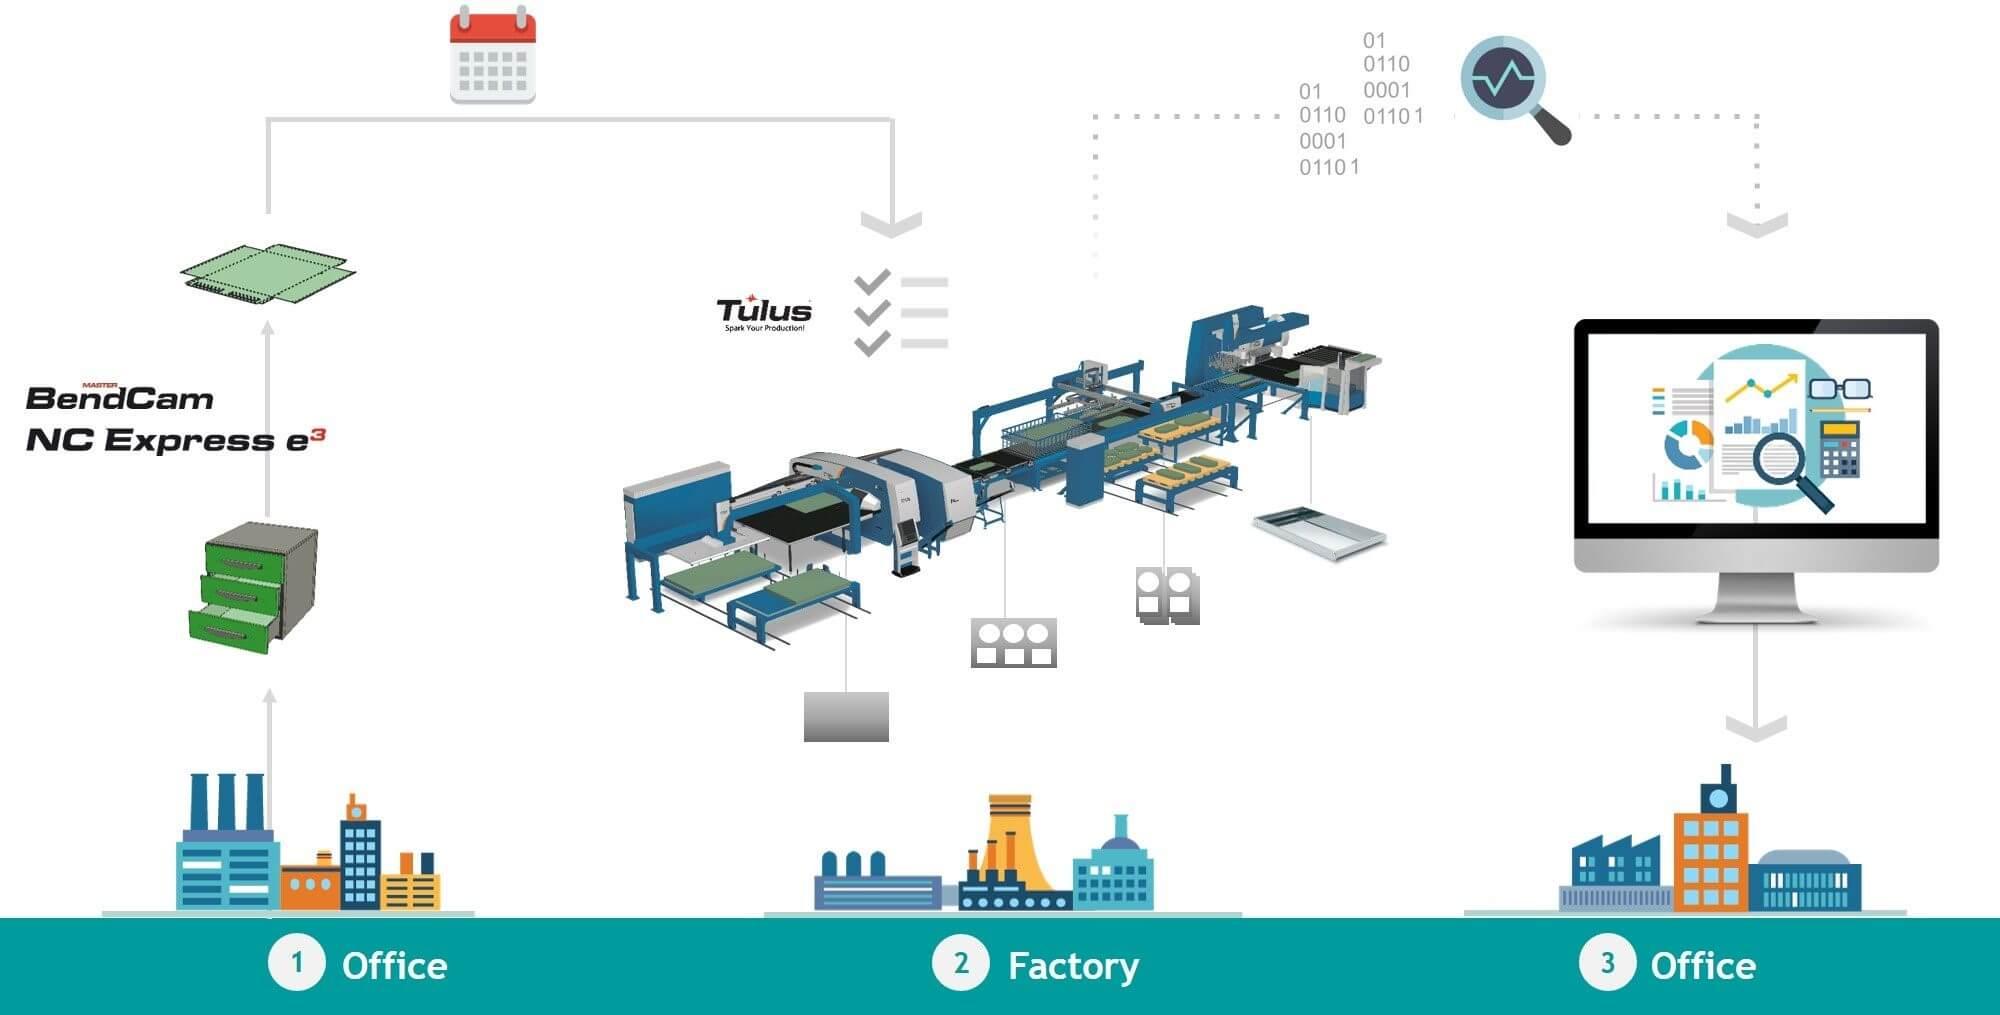 Hệ thống phần mềm Prima Power dành cho máy laser 3D